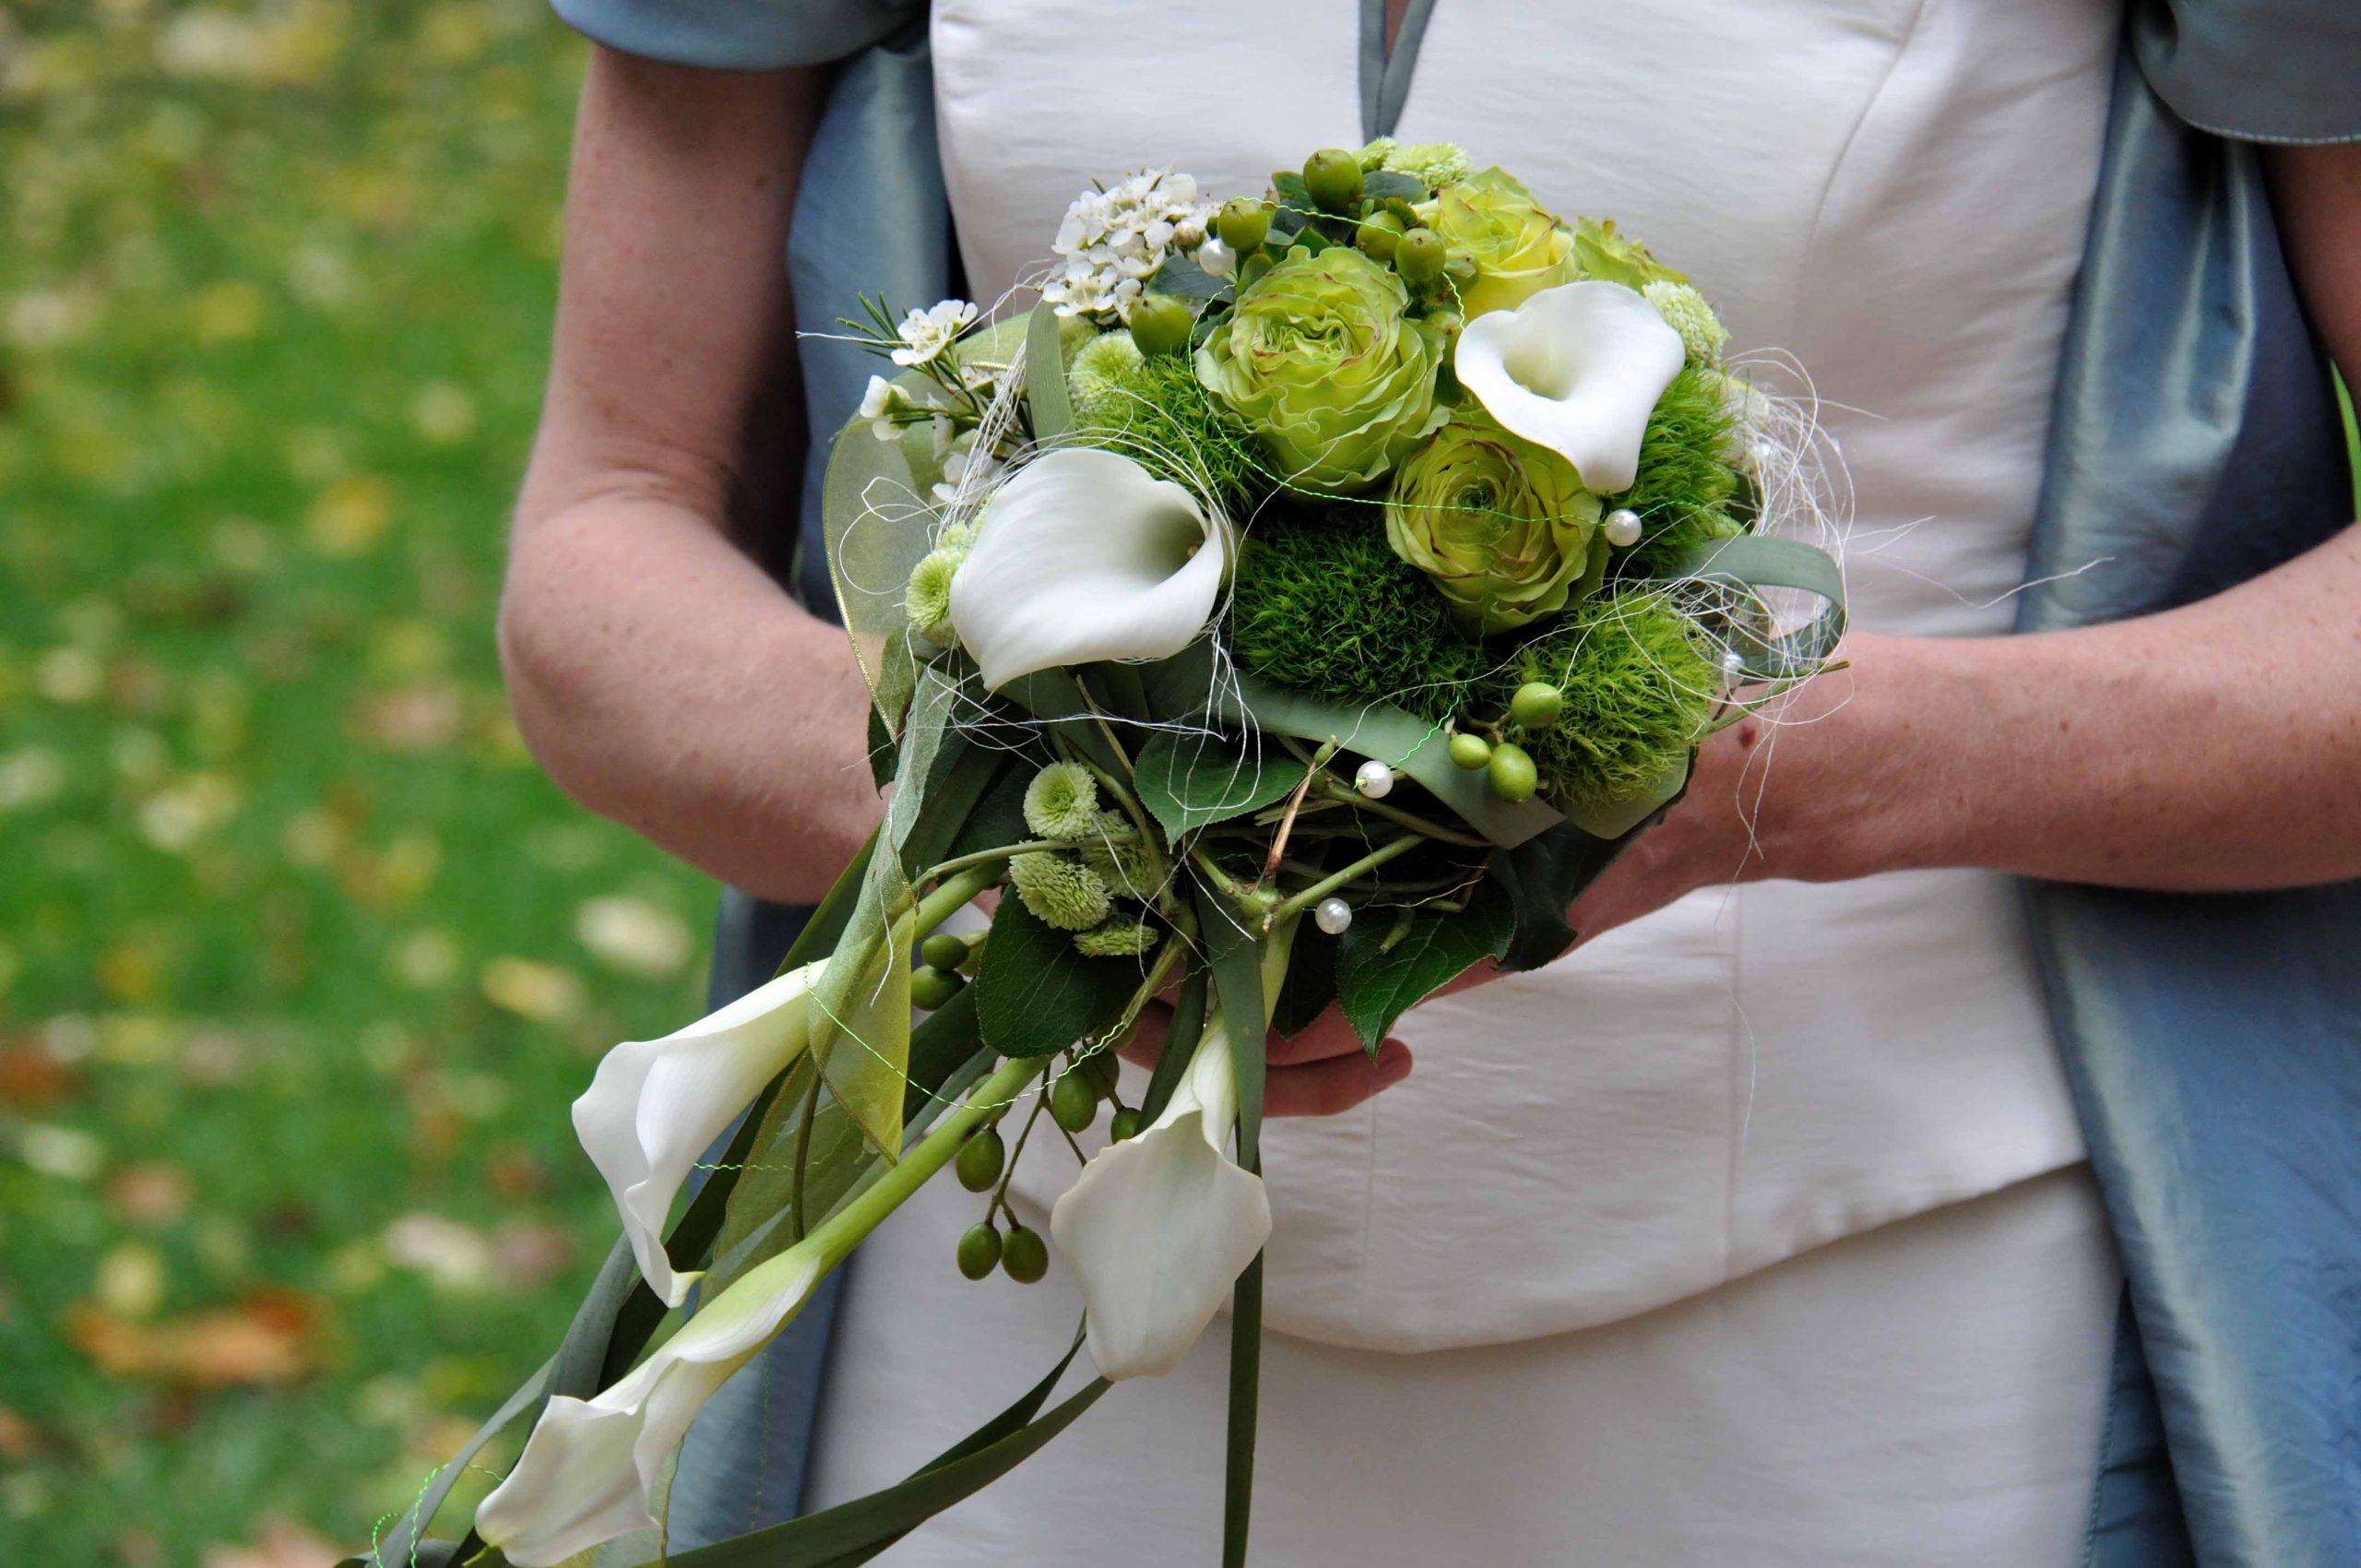 06 kompakt abfließend grün mit weißen Calla